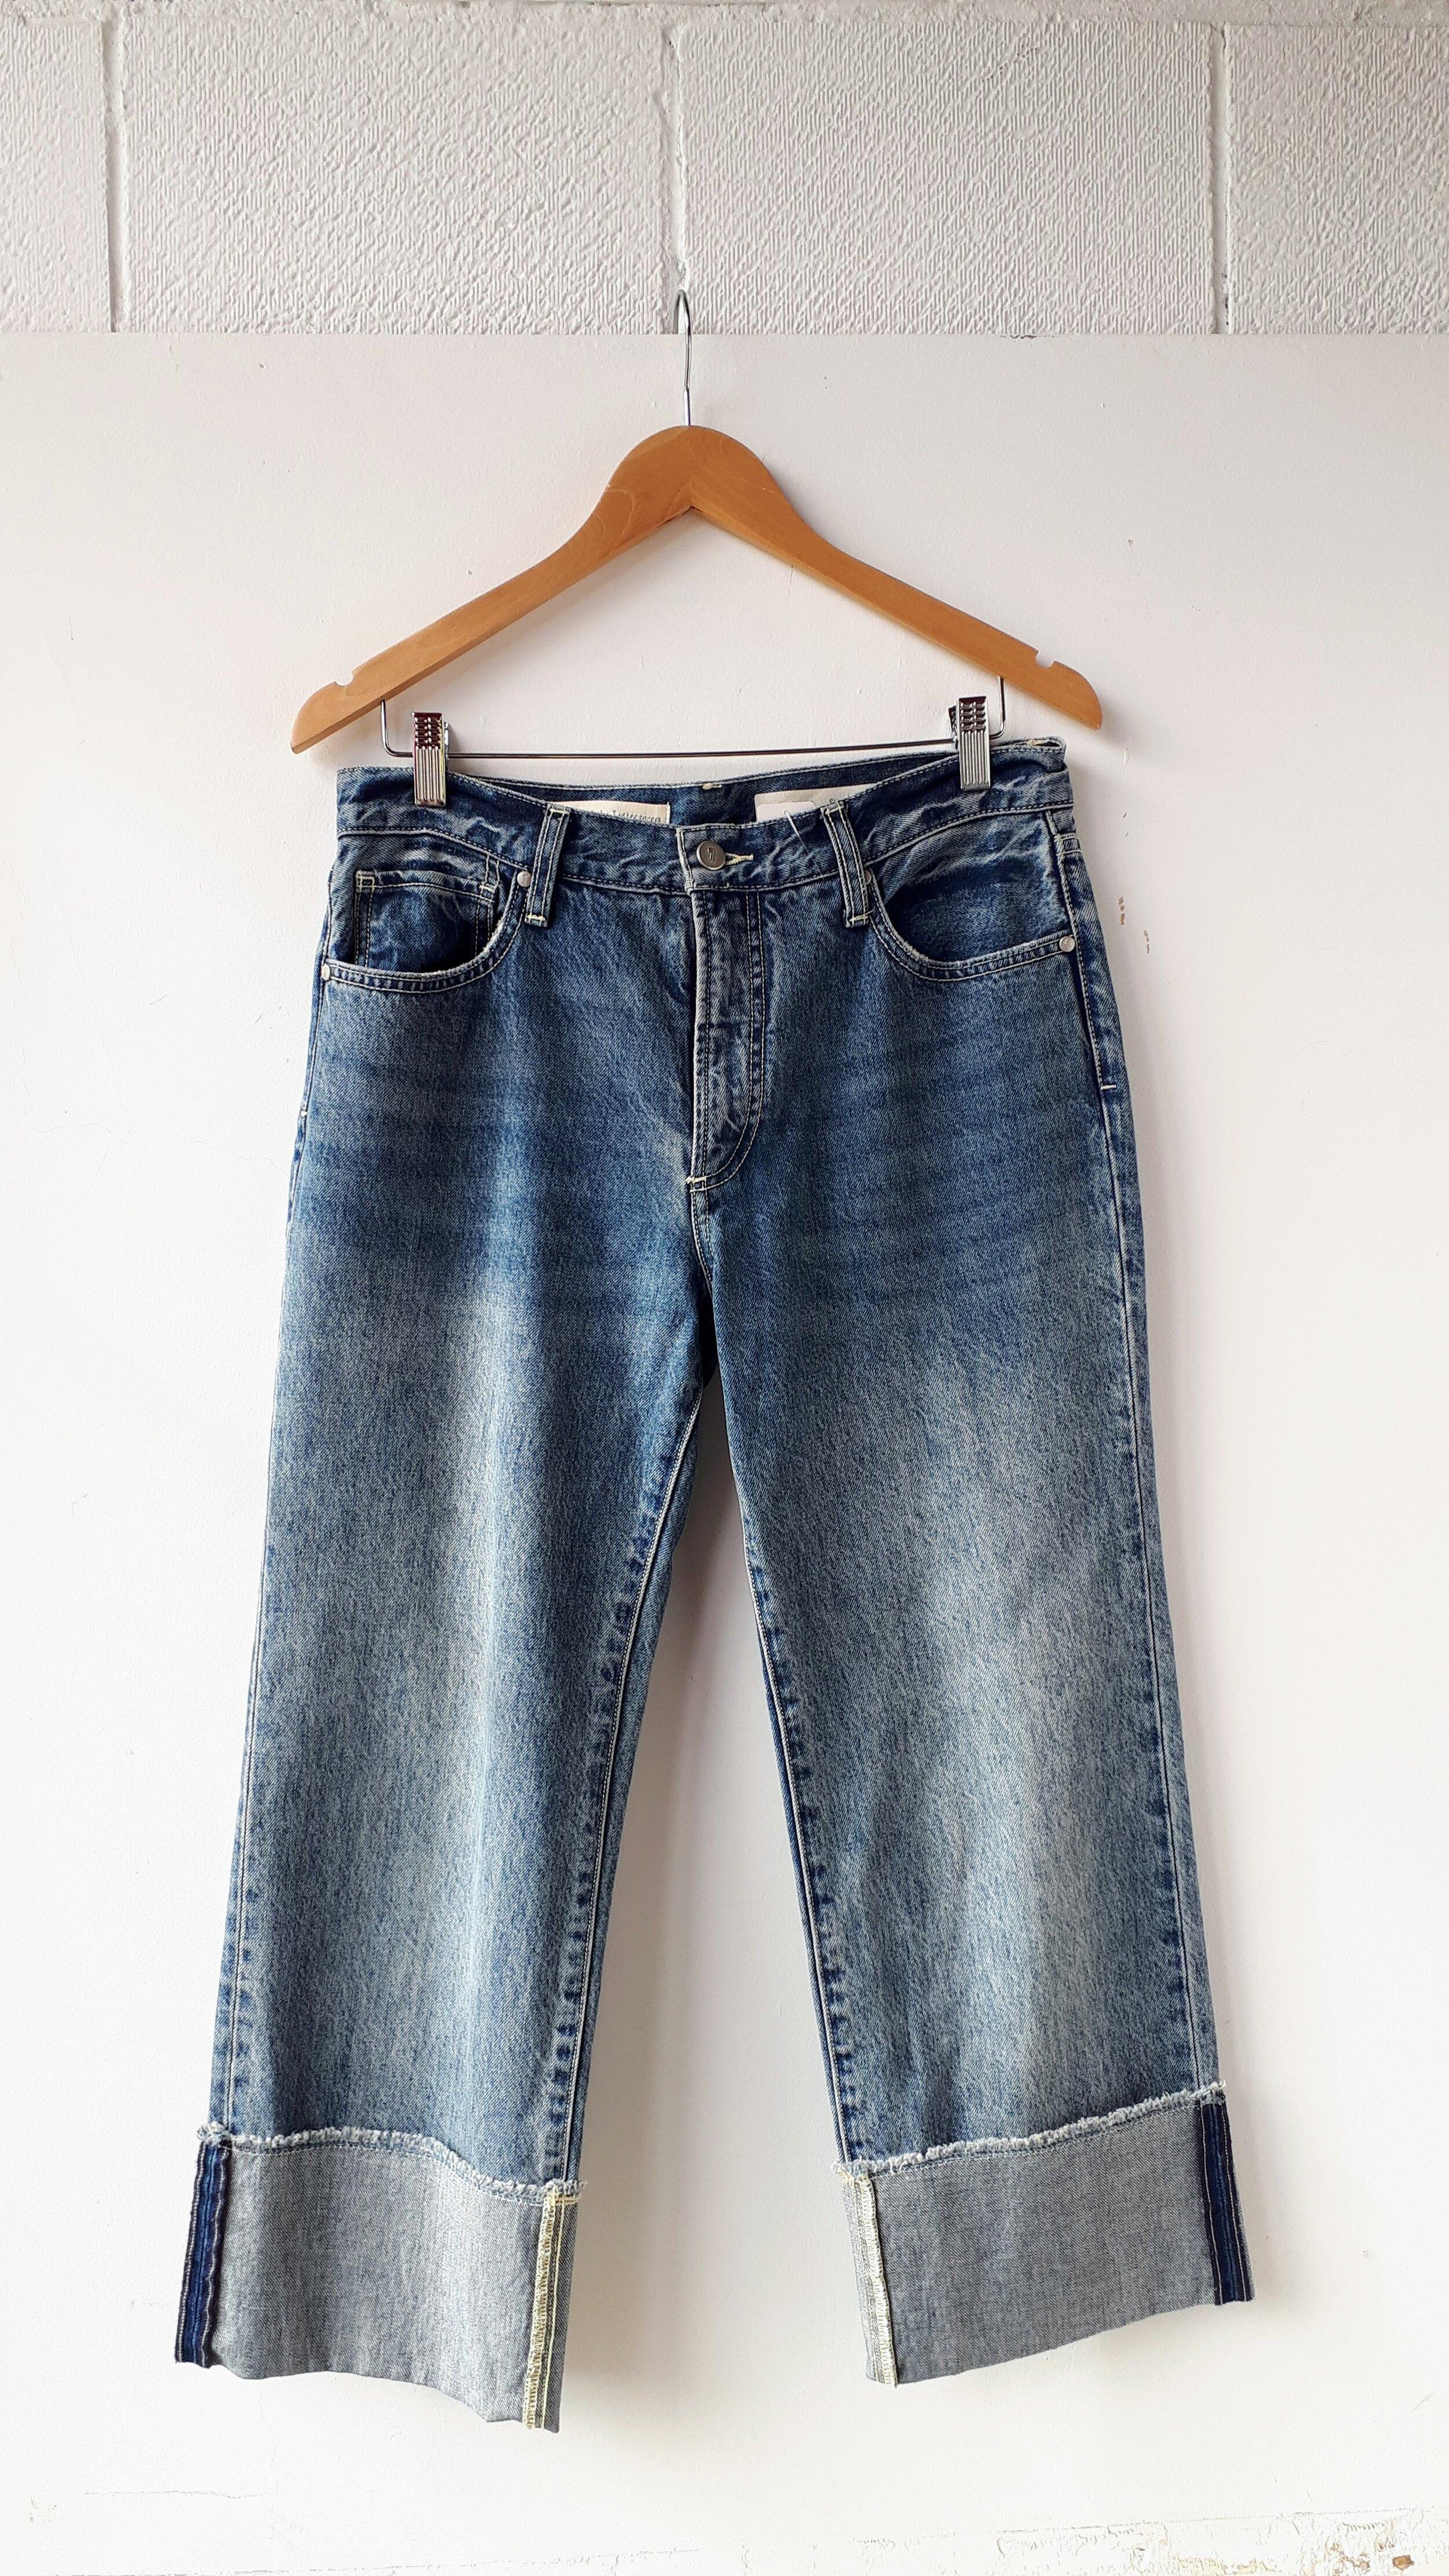 Pilcro pants; Size 28, $40